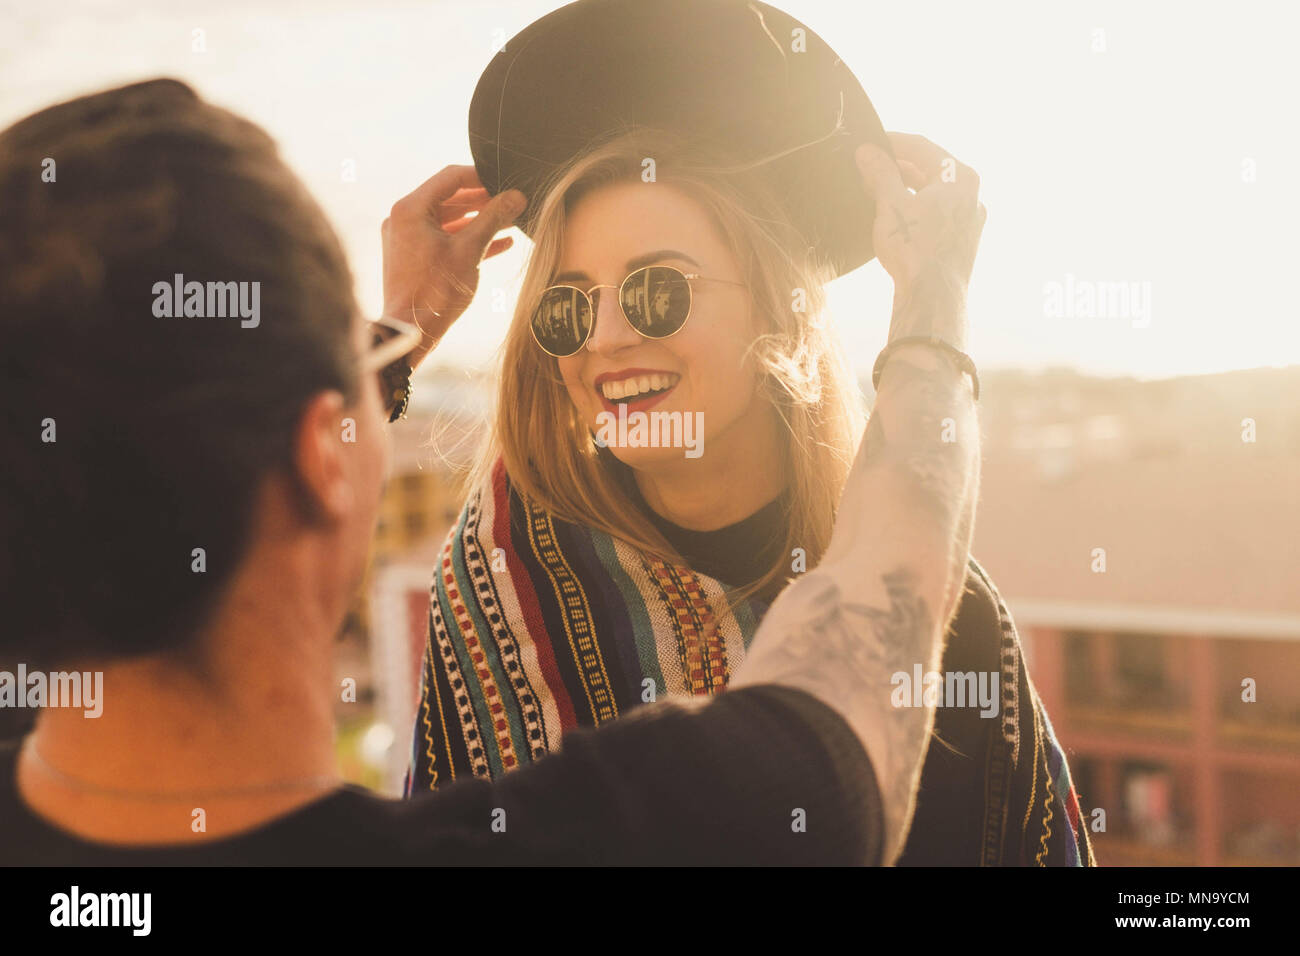 Activité en plein air pour un couple de l'homme et de la jeune blonde belle femme avoir du plaisir ensemble. Il met un chapeau sur sa tête et elle sourire. la lumière du soleil et le toit Photo Stock